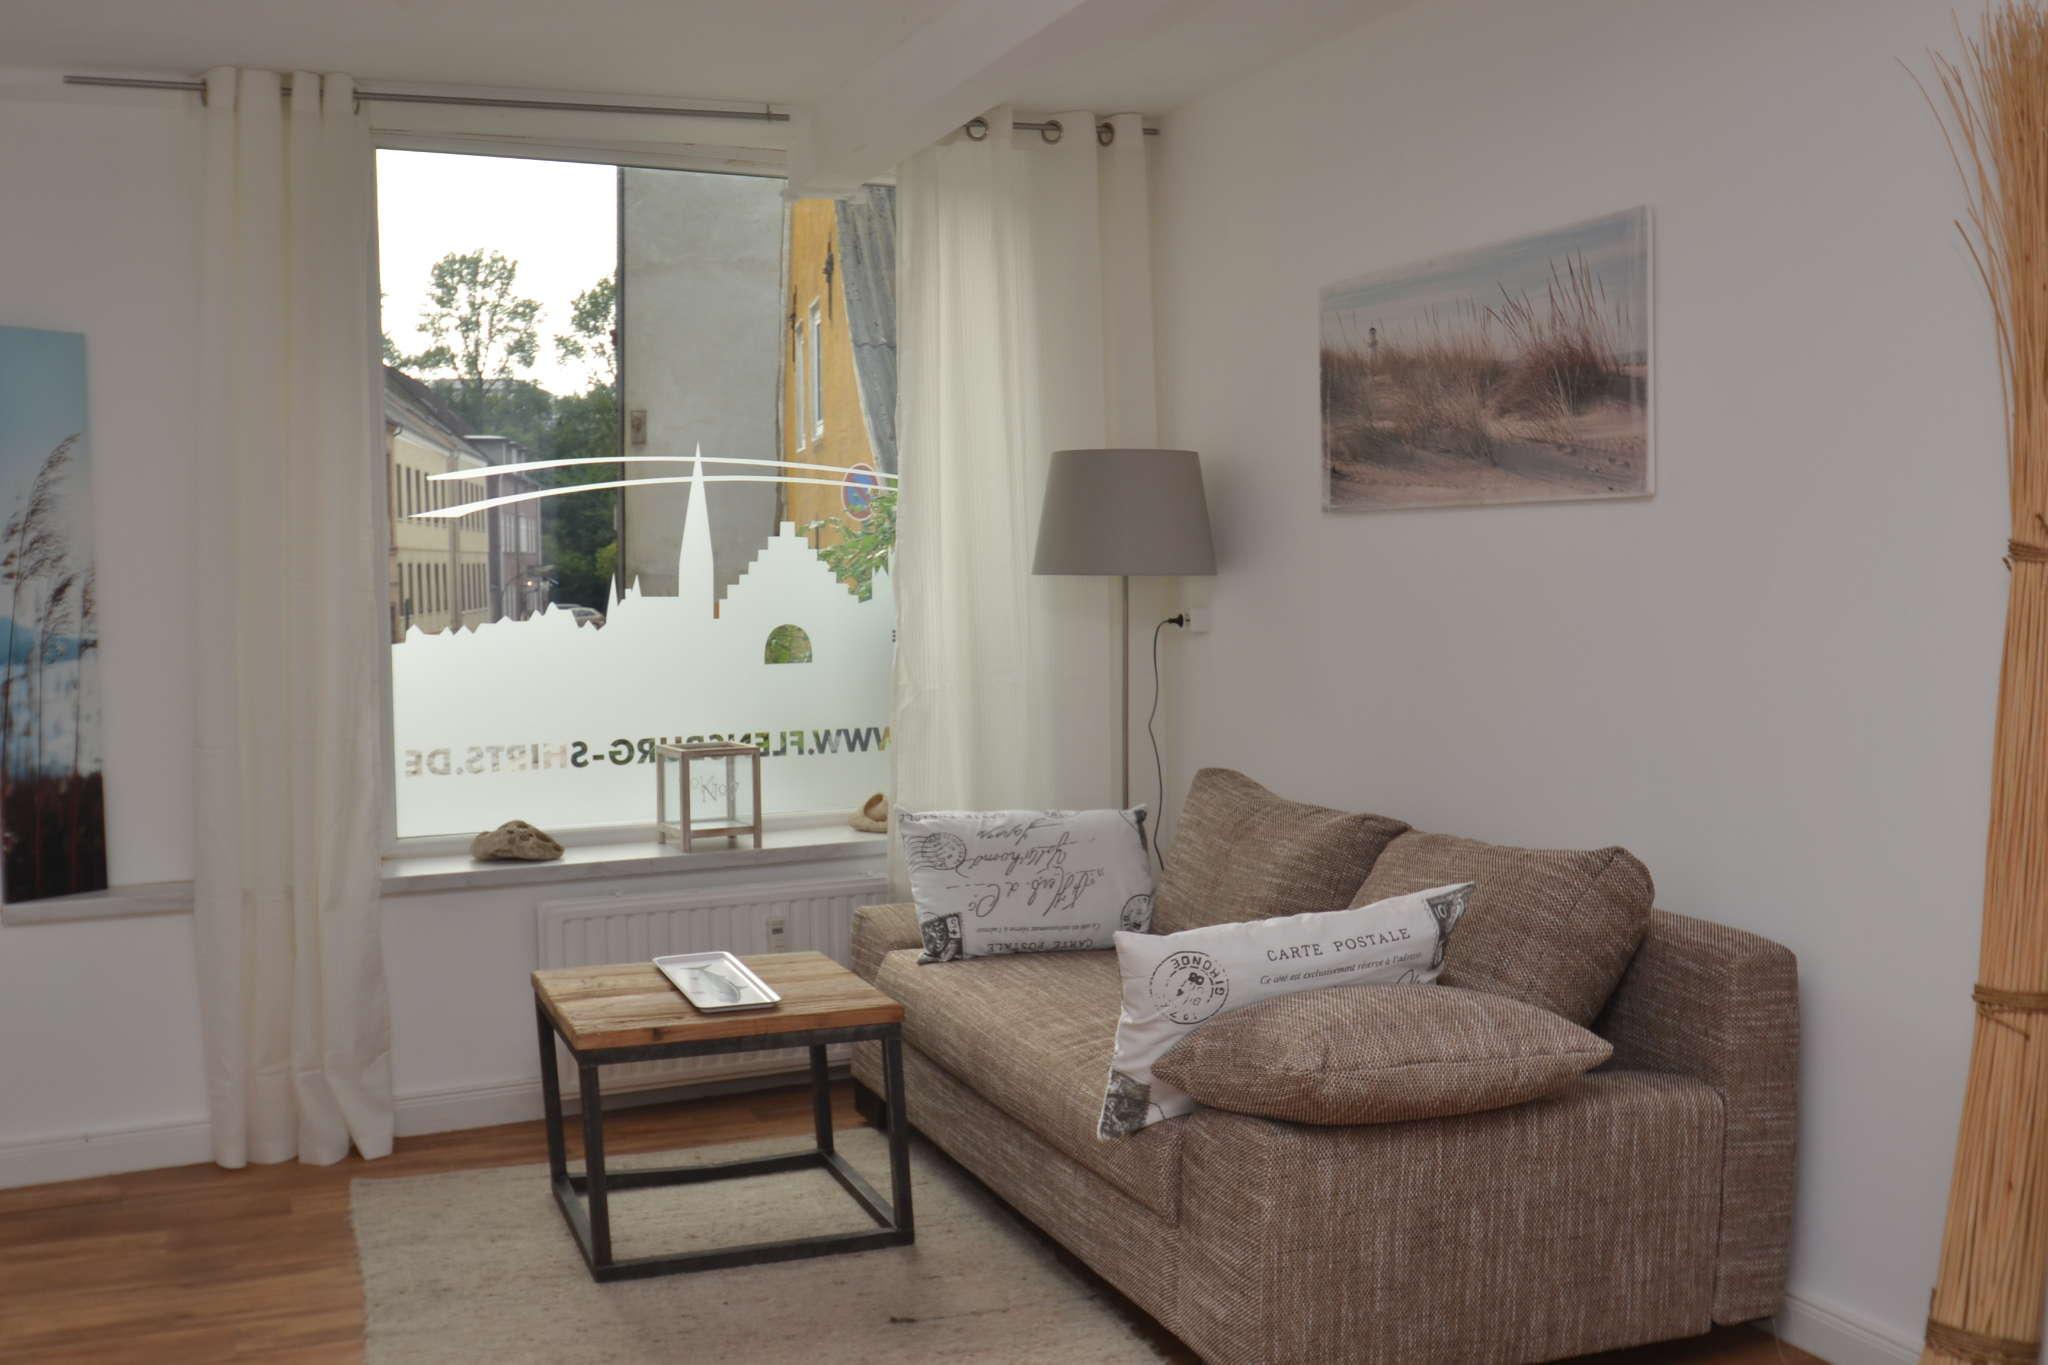 Helles und freundliches Wohnzimmer